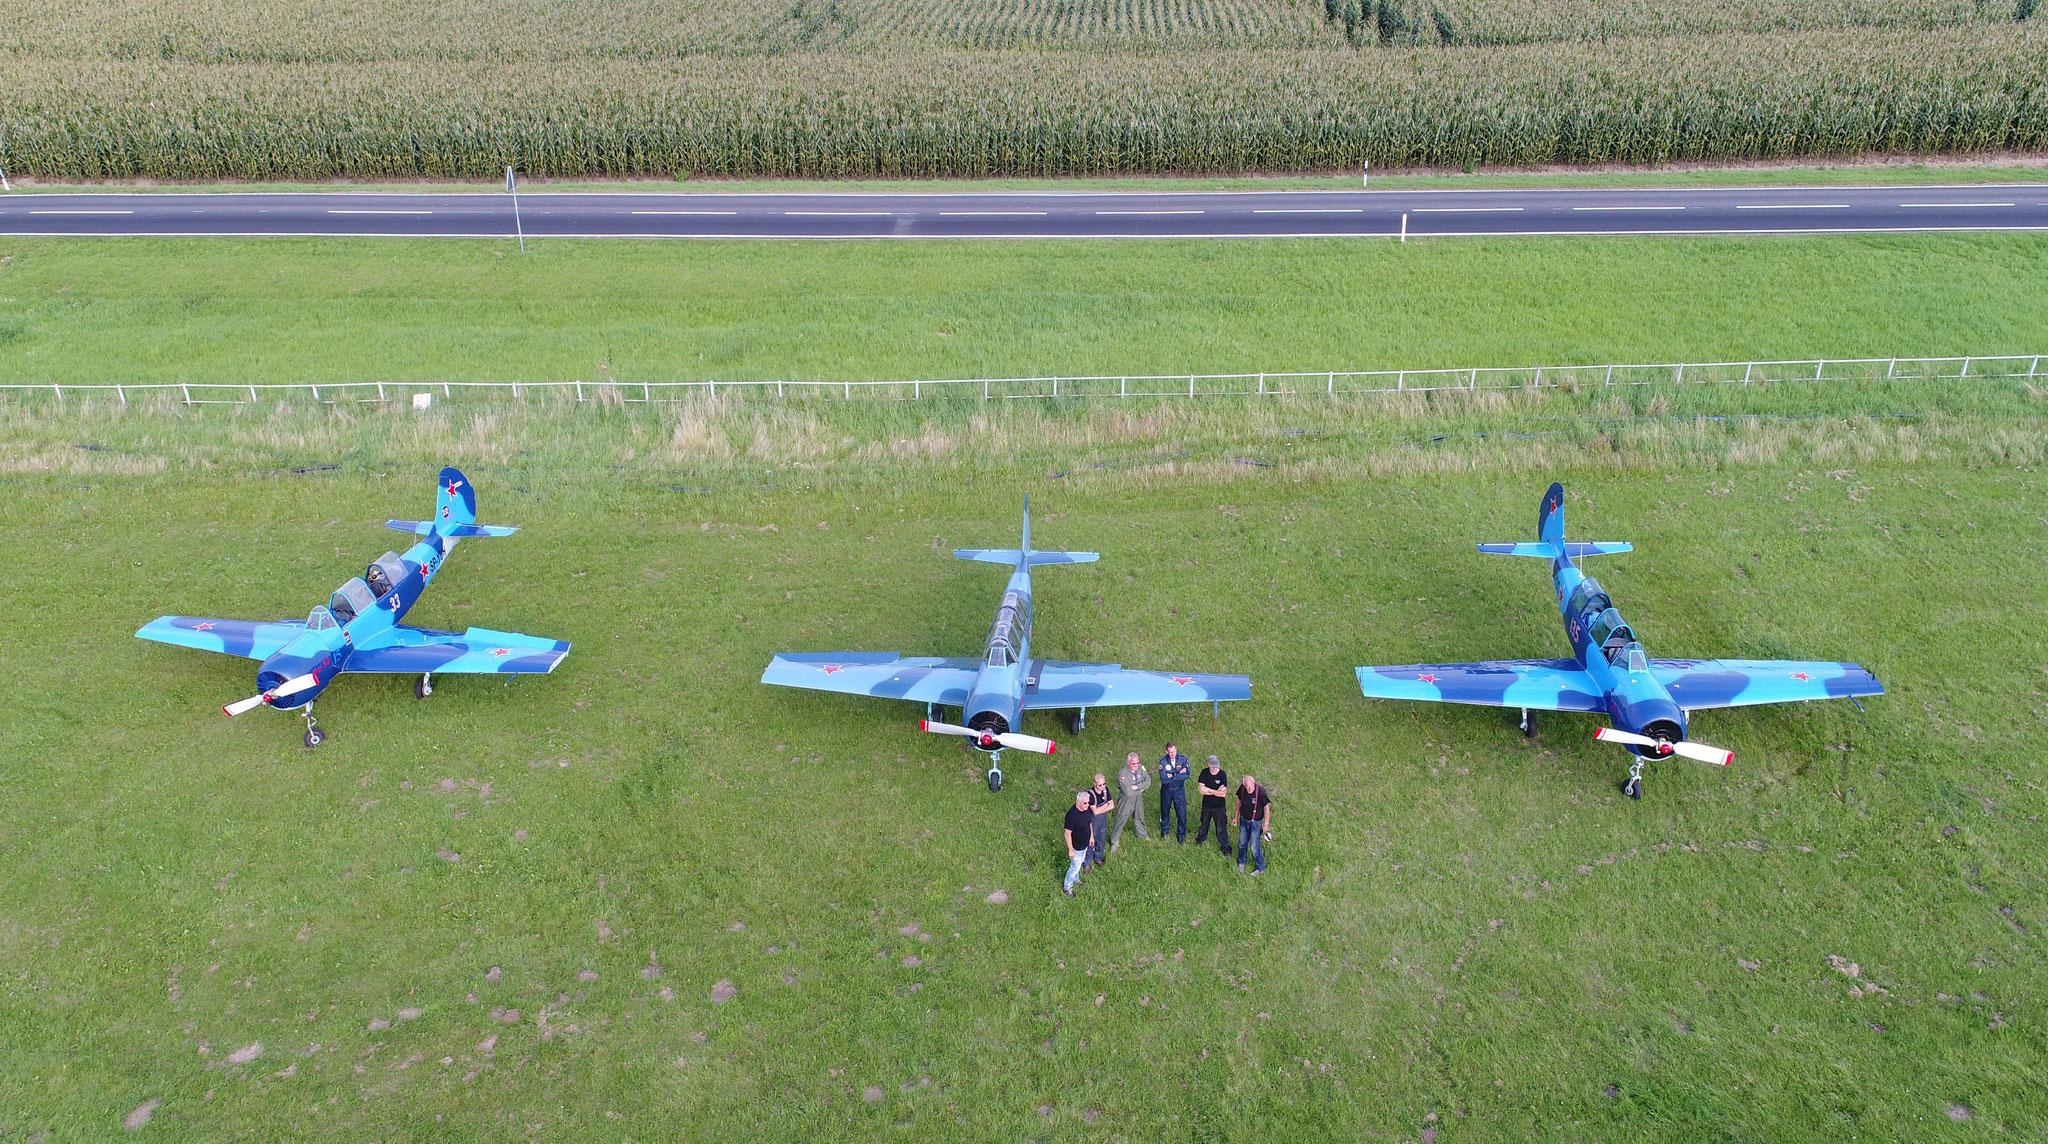 drei blaue yak 52 in fast identischer Lackierung